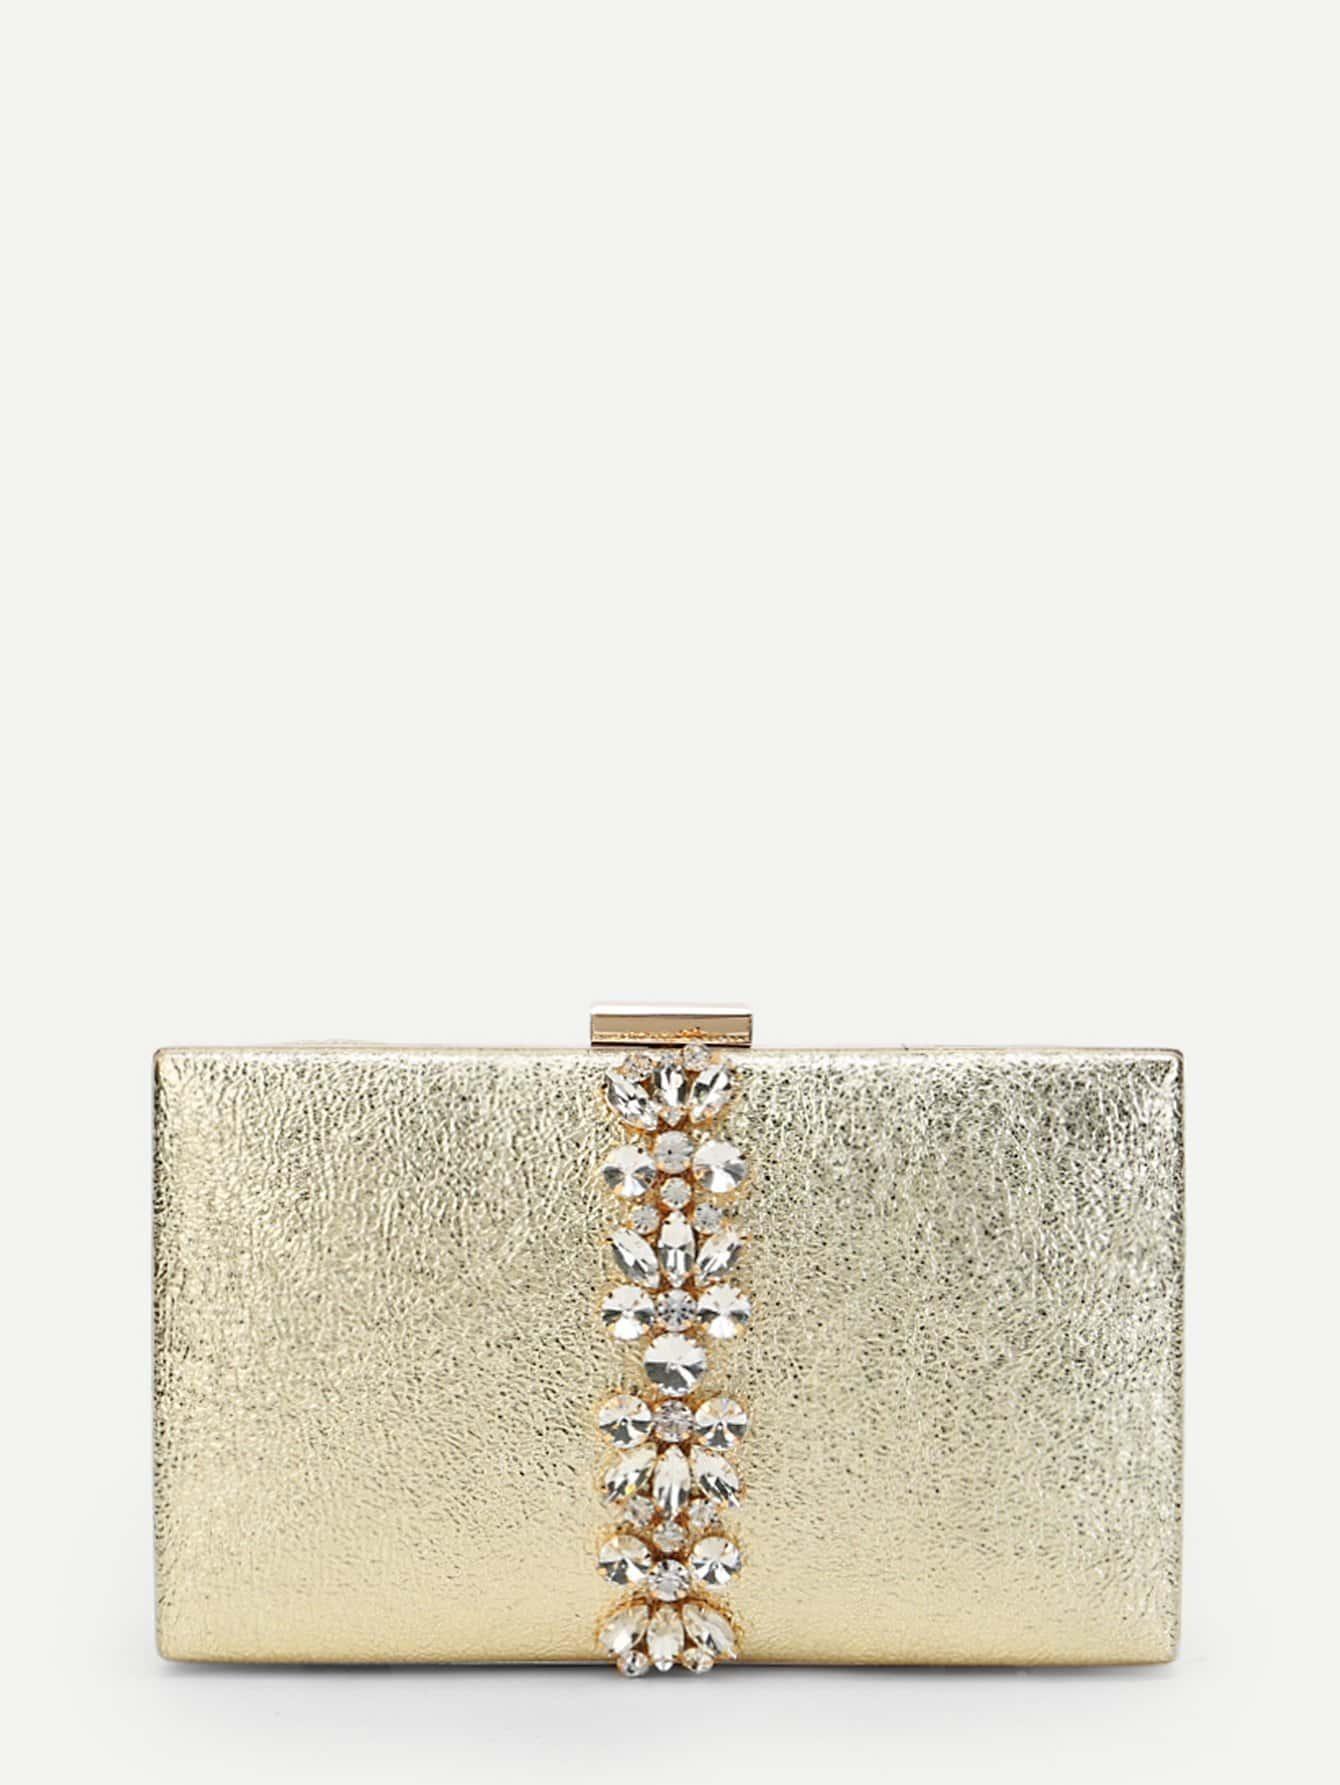 Фото - Rhinestone Flower Metallic Clutch Bag fawziya bird clutch bags for womens evening bag hard case rhinestone